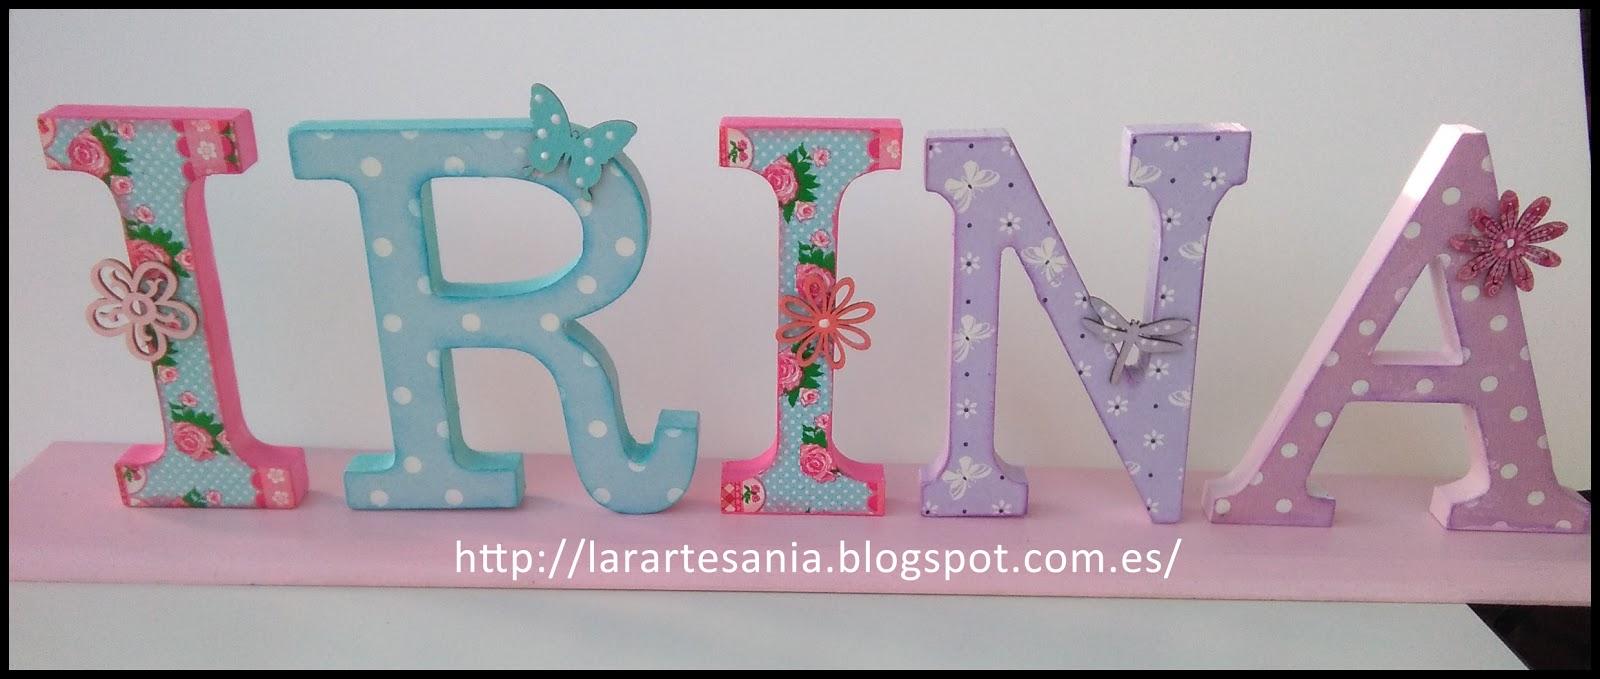 Lara artes decorando letras con decoupage - Letras para adornar ...